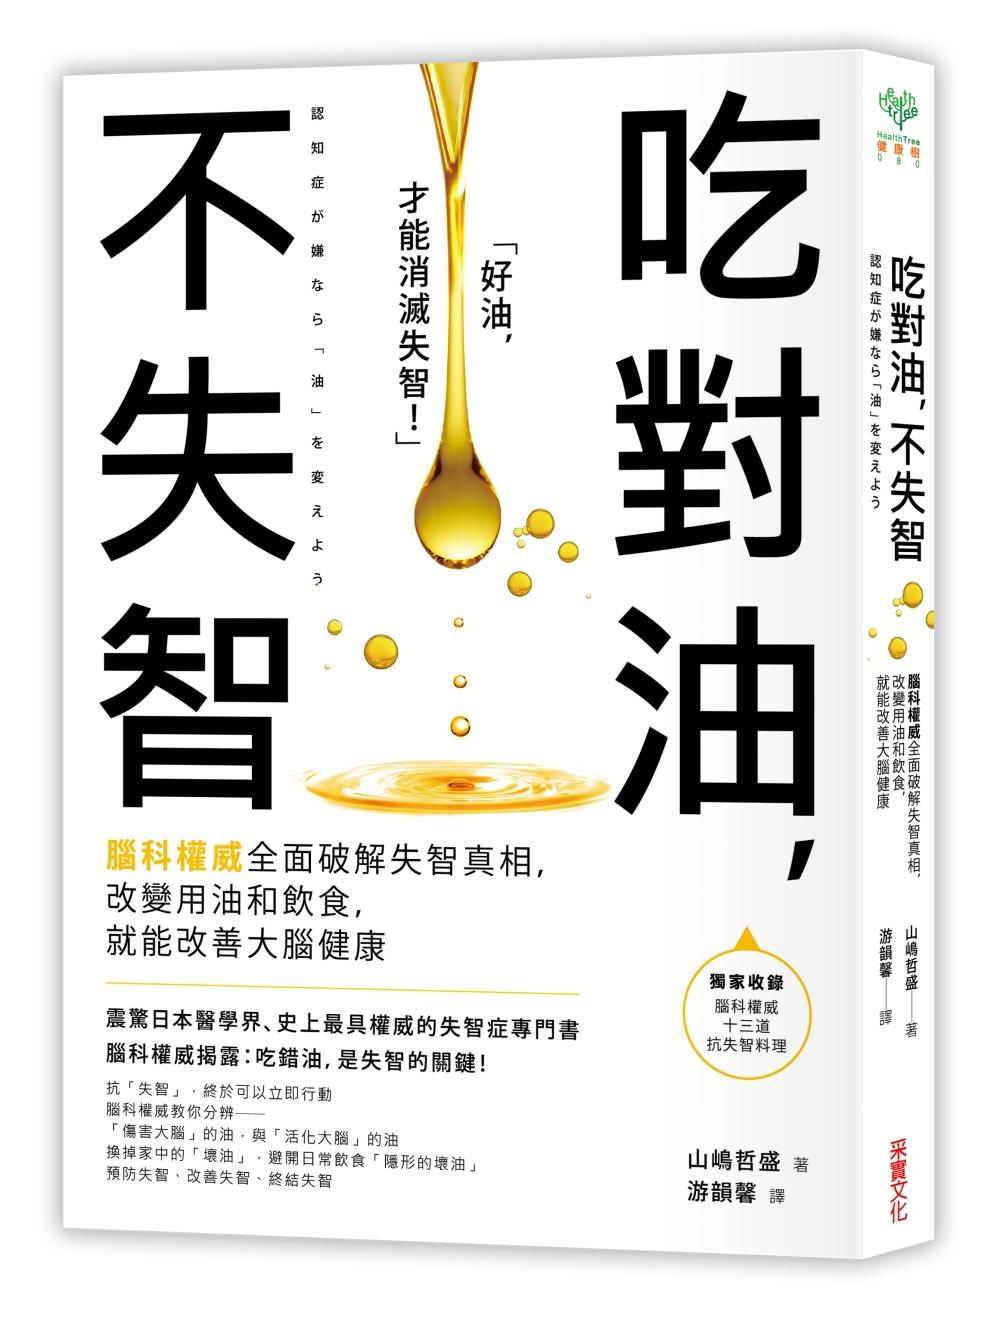 吃對油,不失智:腦科權威全面破解失智真相,改變用油和飲食,就能改善大腦健康